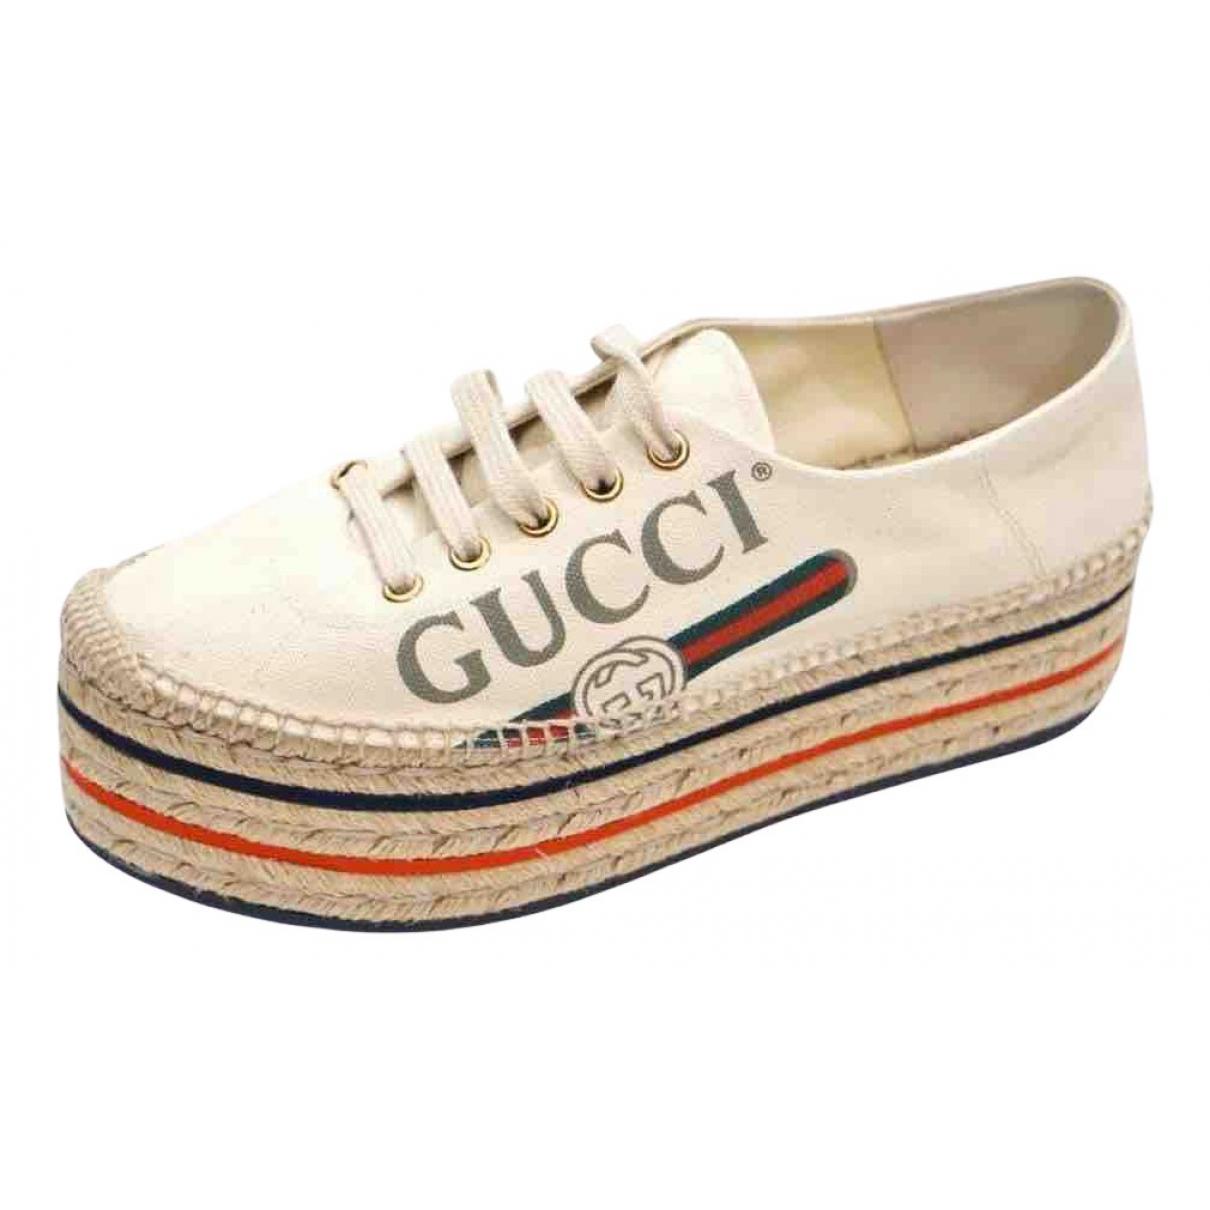 Gucci - Espadrilles   pour femme en toile - blanc